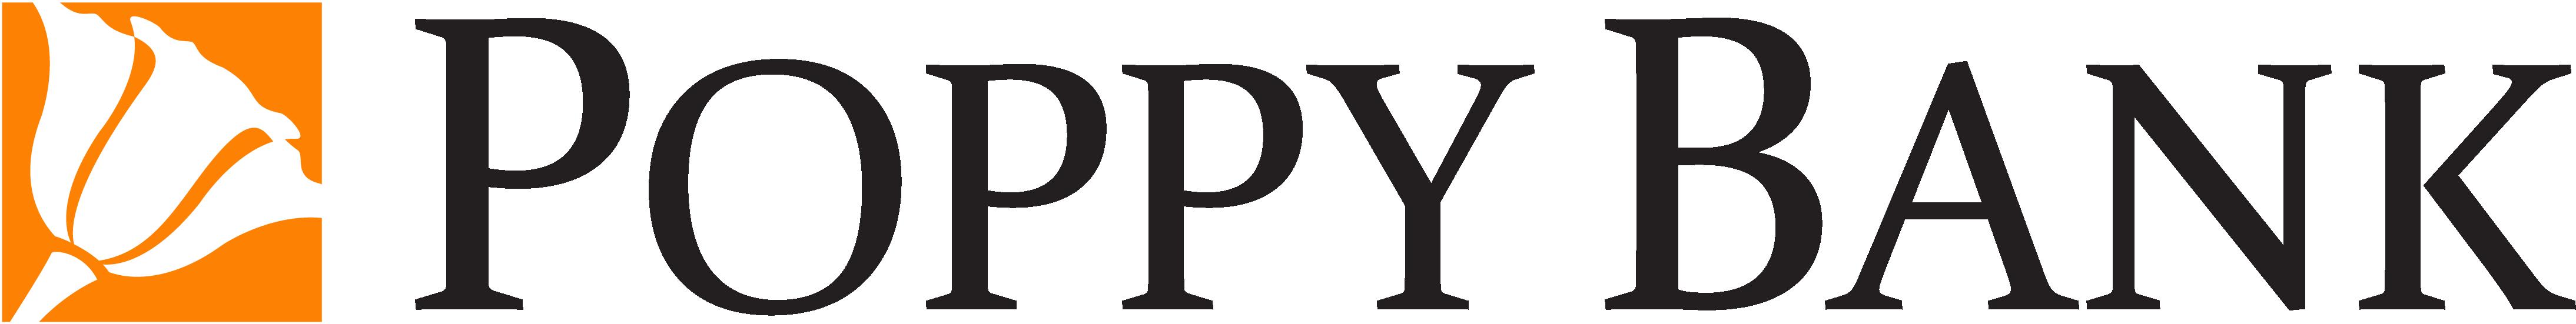 Poppy Bank horizontal